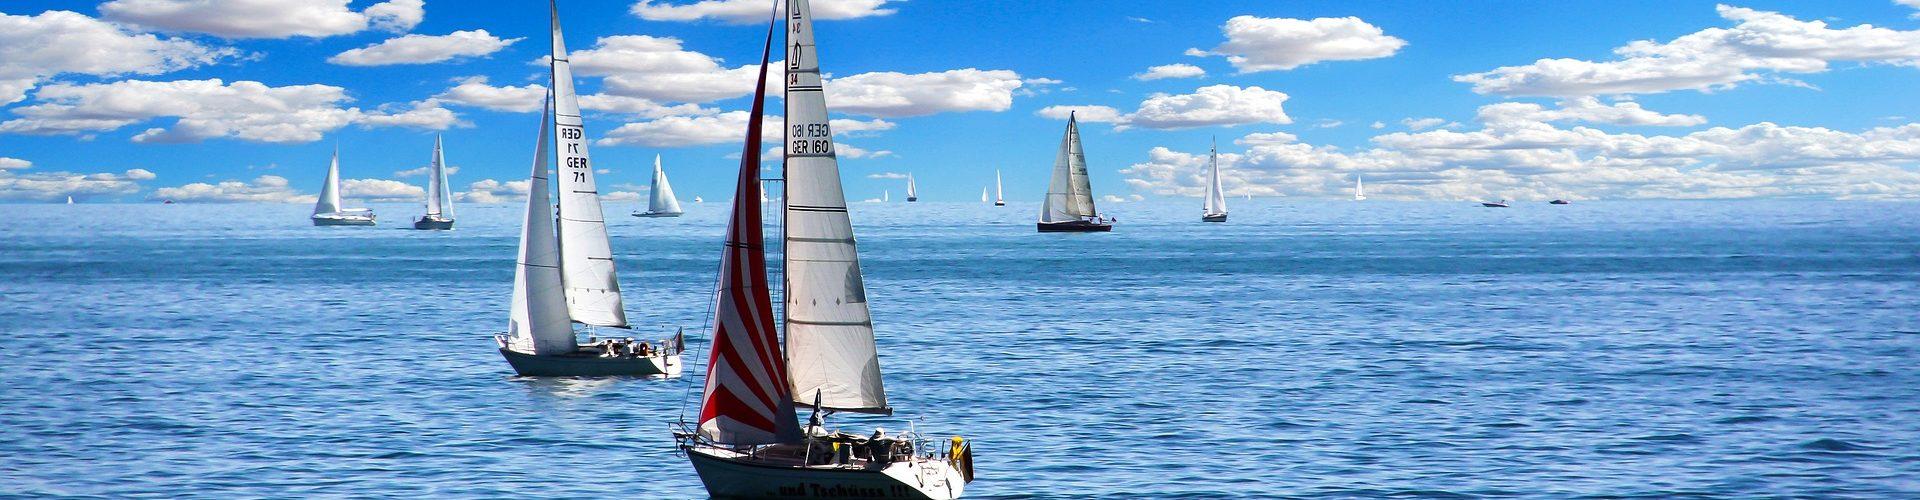 segeln lernen in Fürth segelschein machen in Fürth 1920x500 - Segeln lernen in Fürth